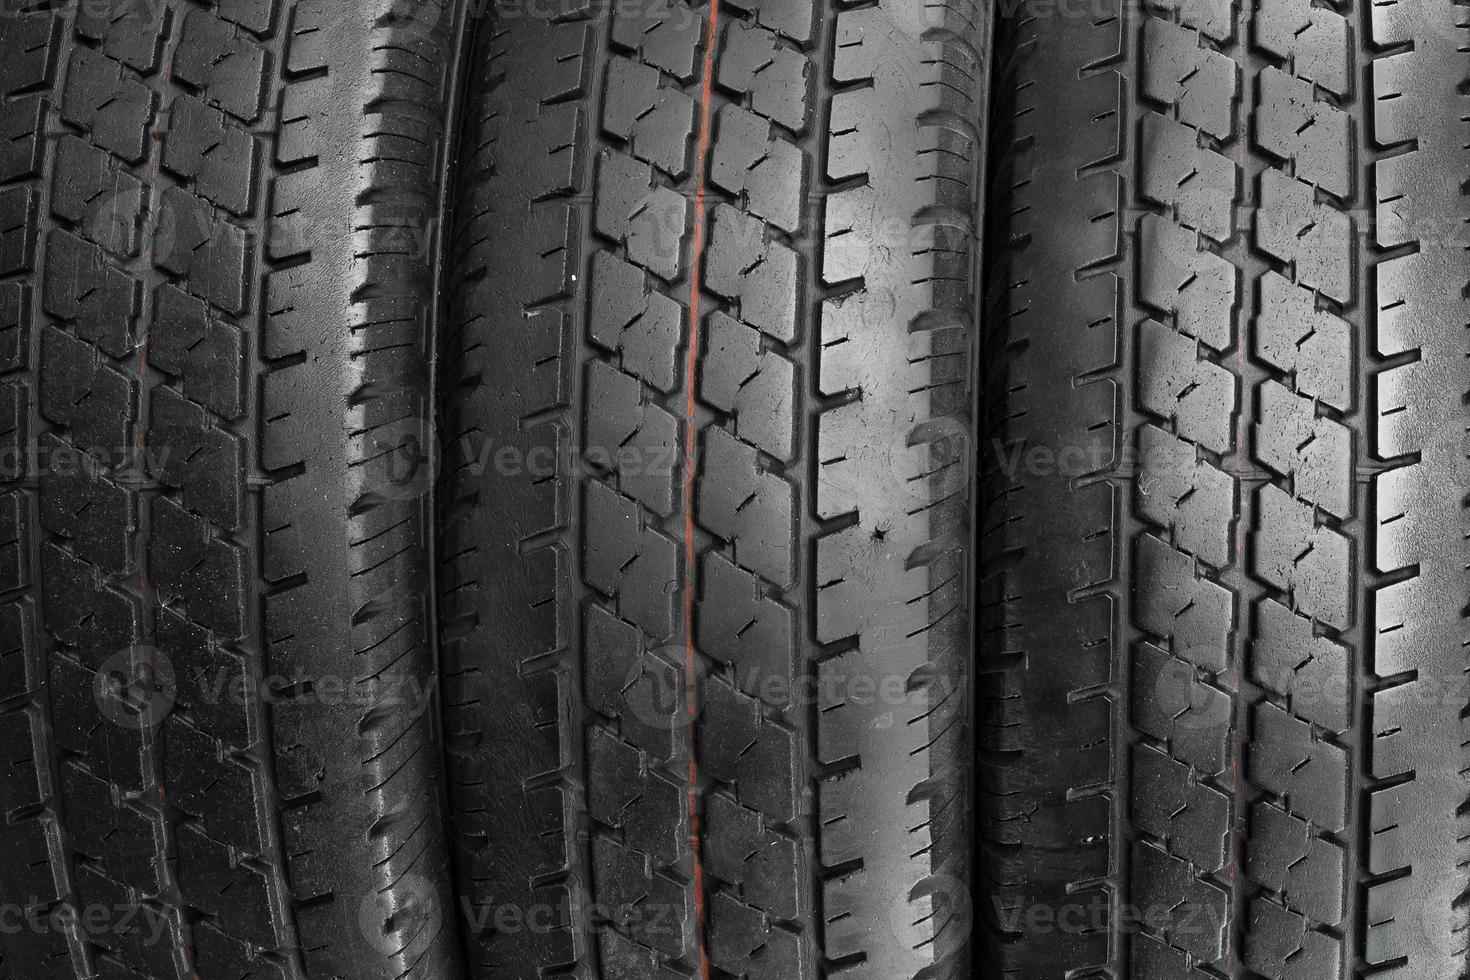 pneus de carro fundo em uma fileira. foto